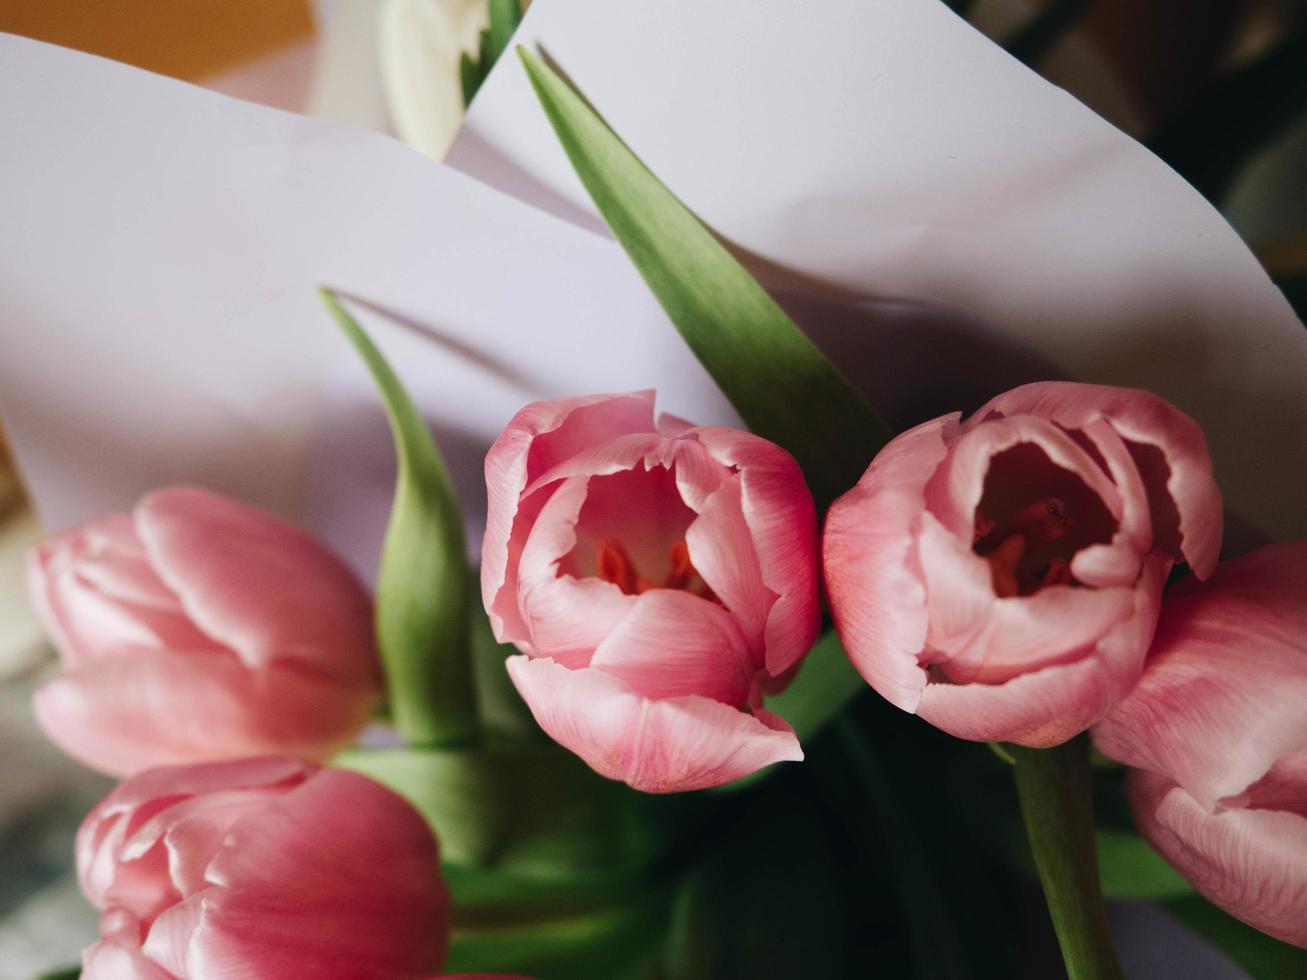 primo piano del mazzo del fiore rosa foto